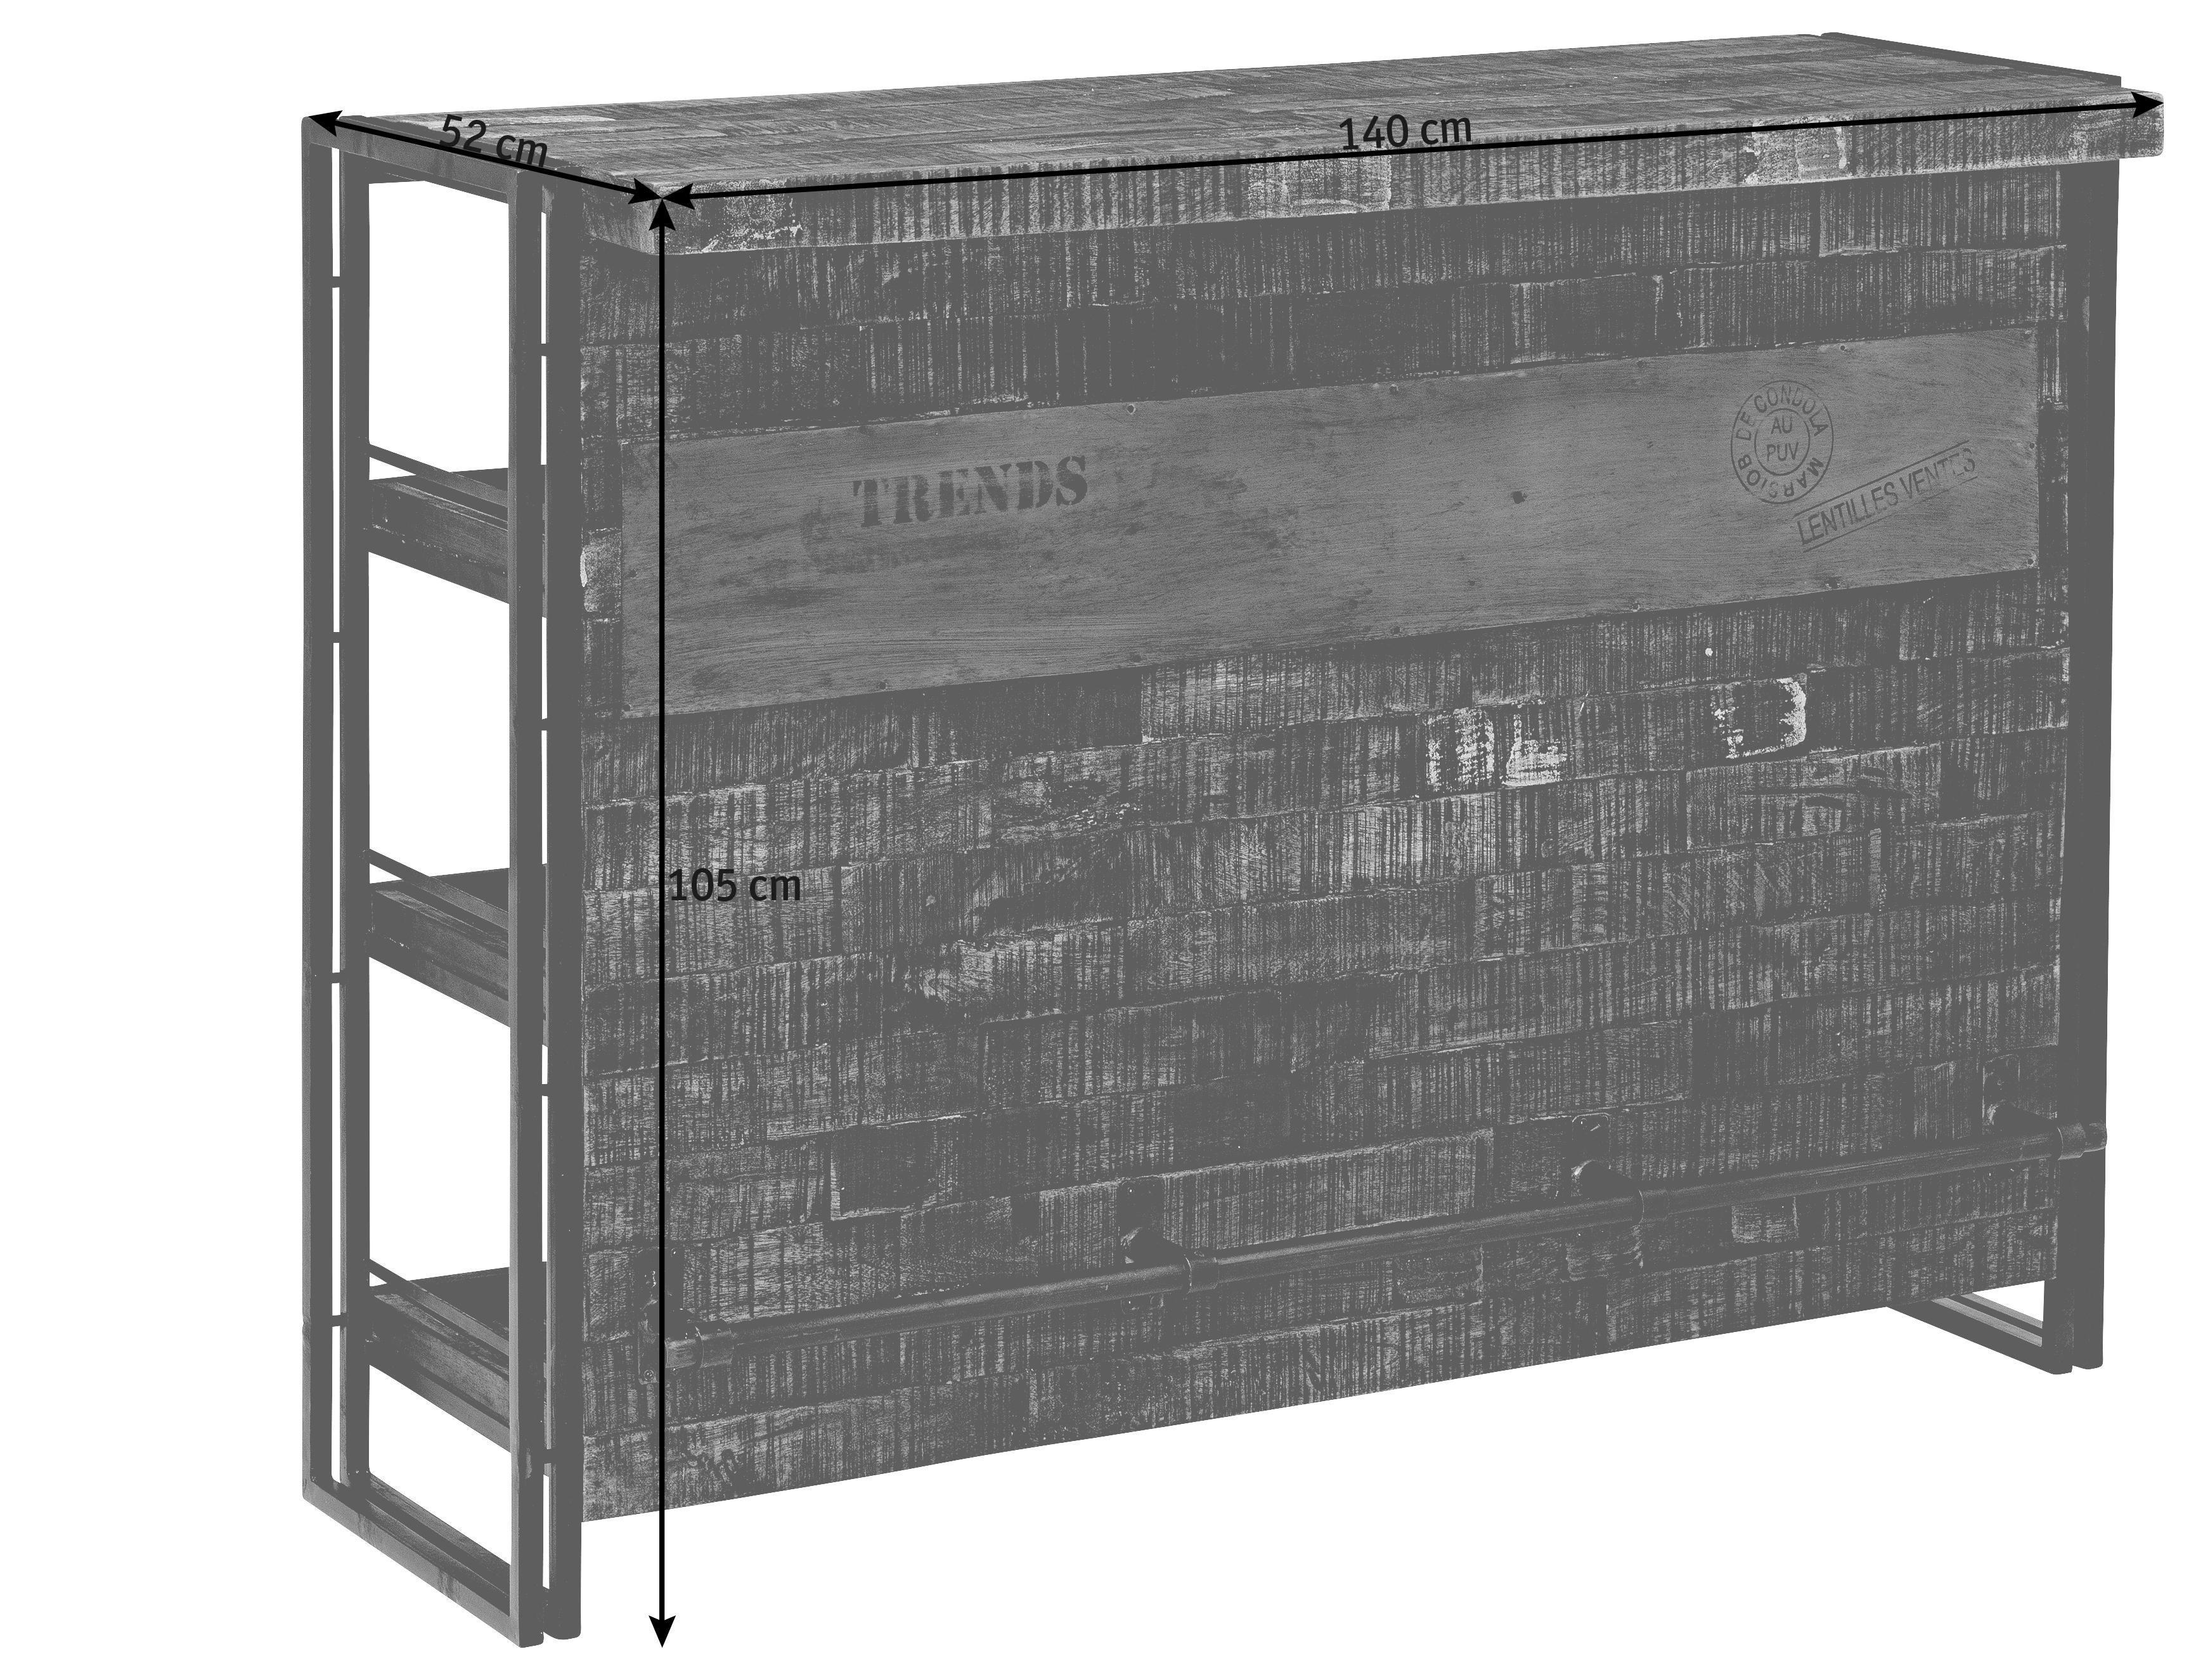 BAR in Braun, Schwarz - Schwarz/Braun, Design, Holz/Metall (140/105/52cm)